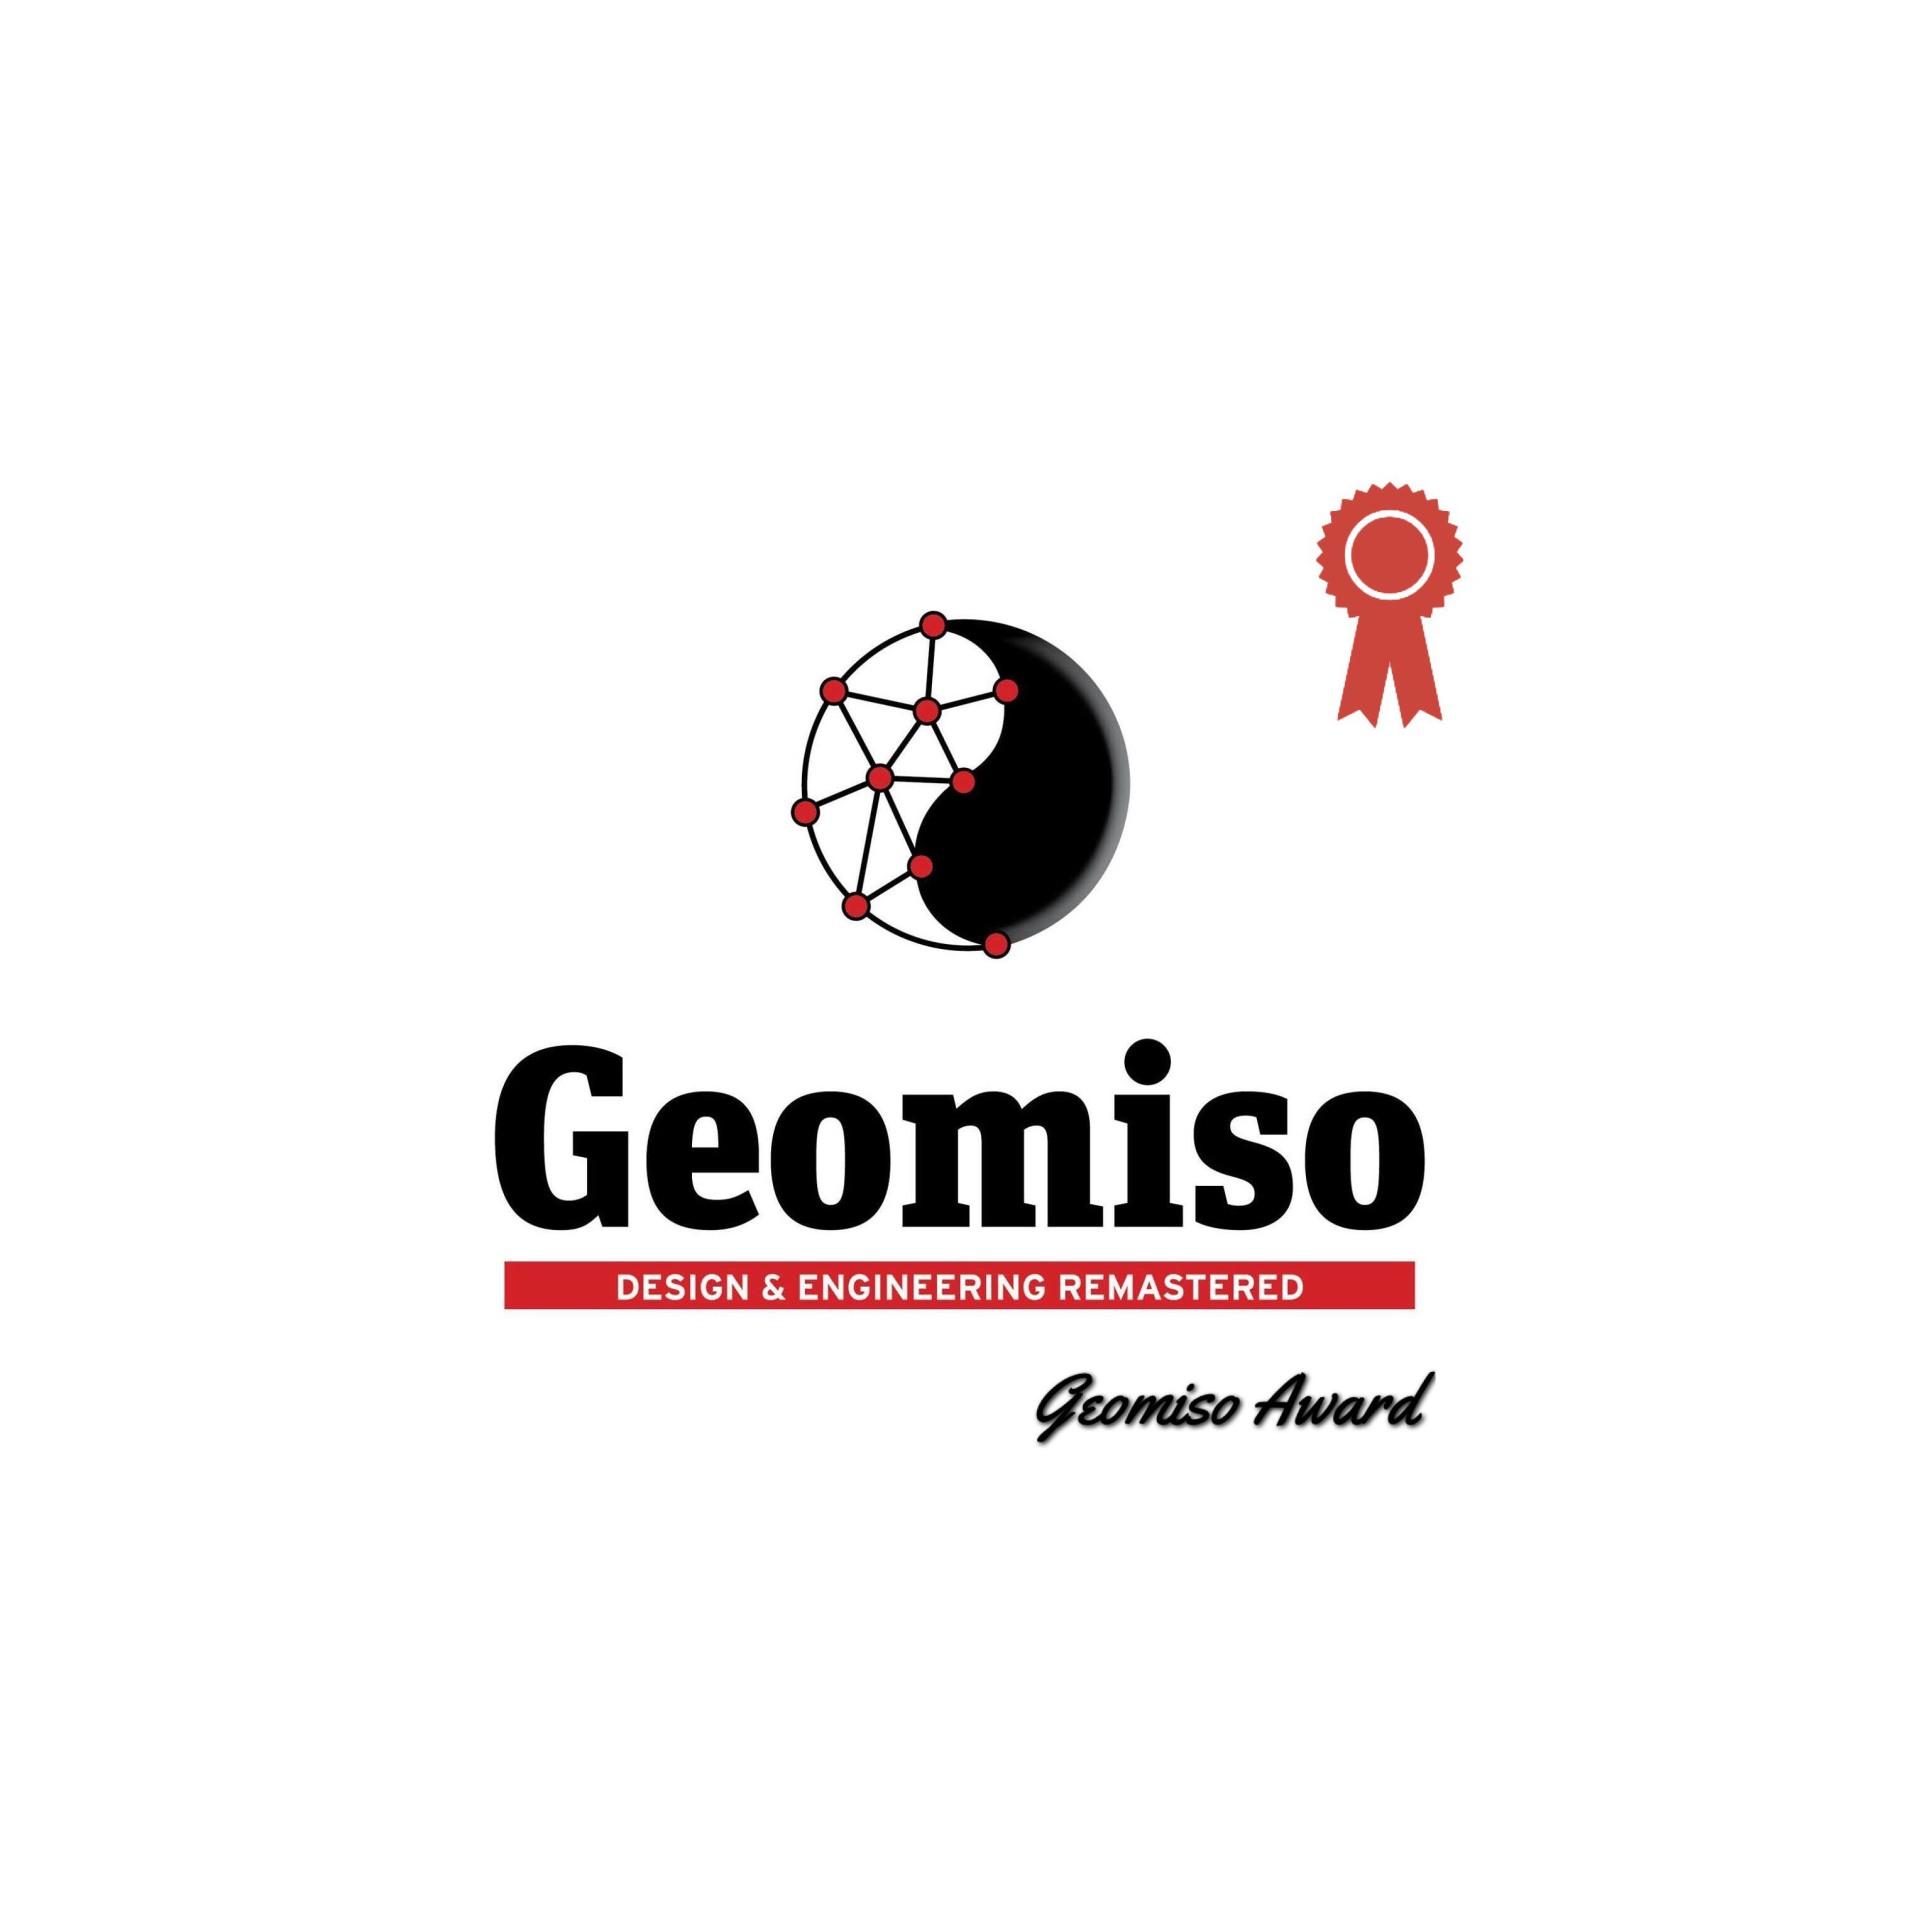 Geomiso Award